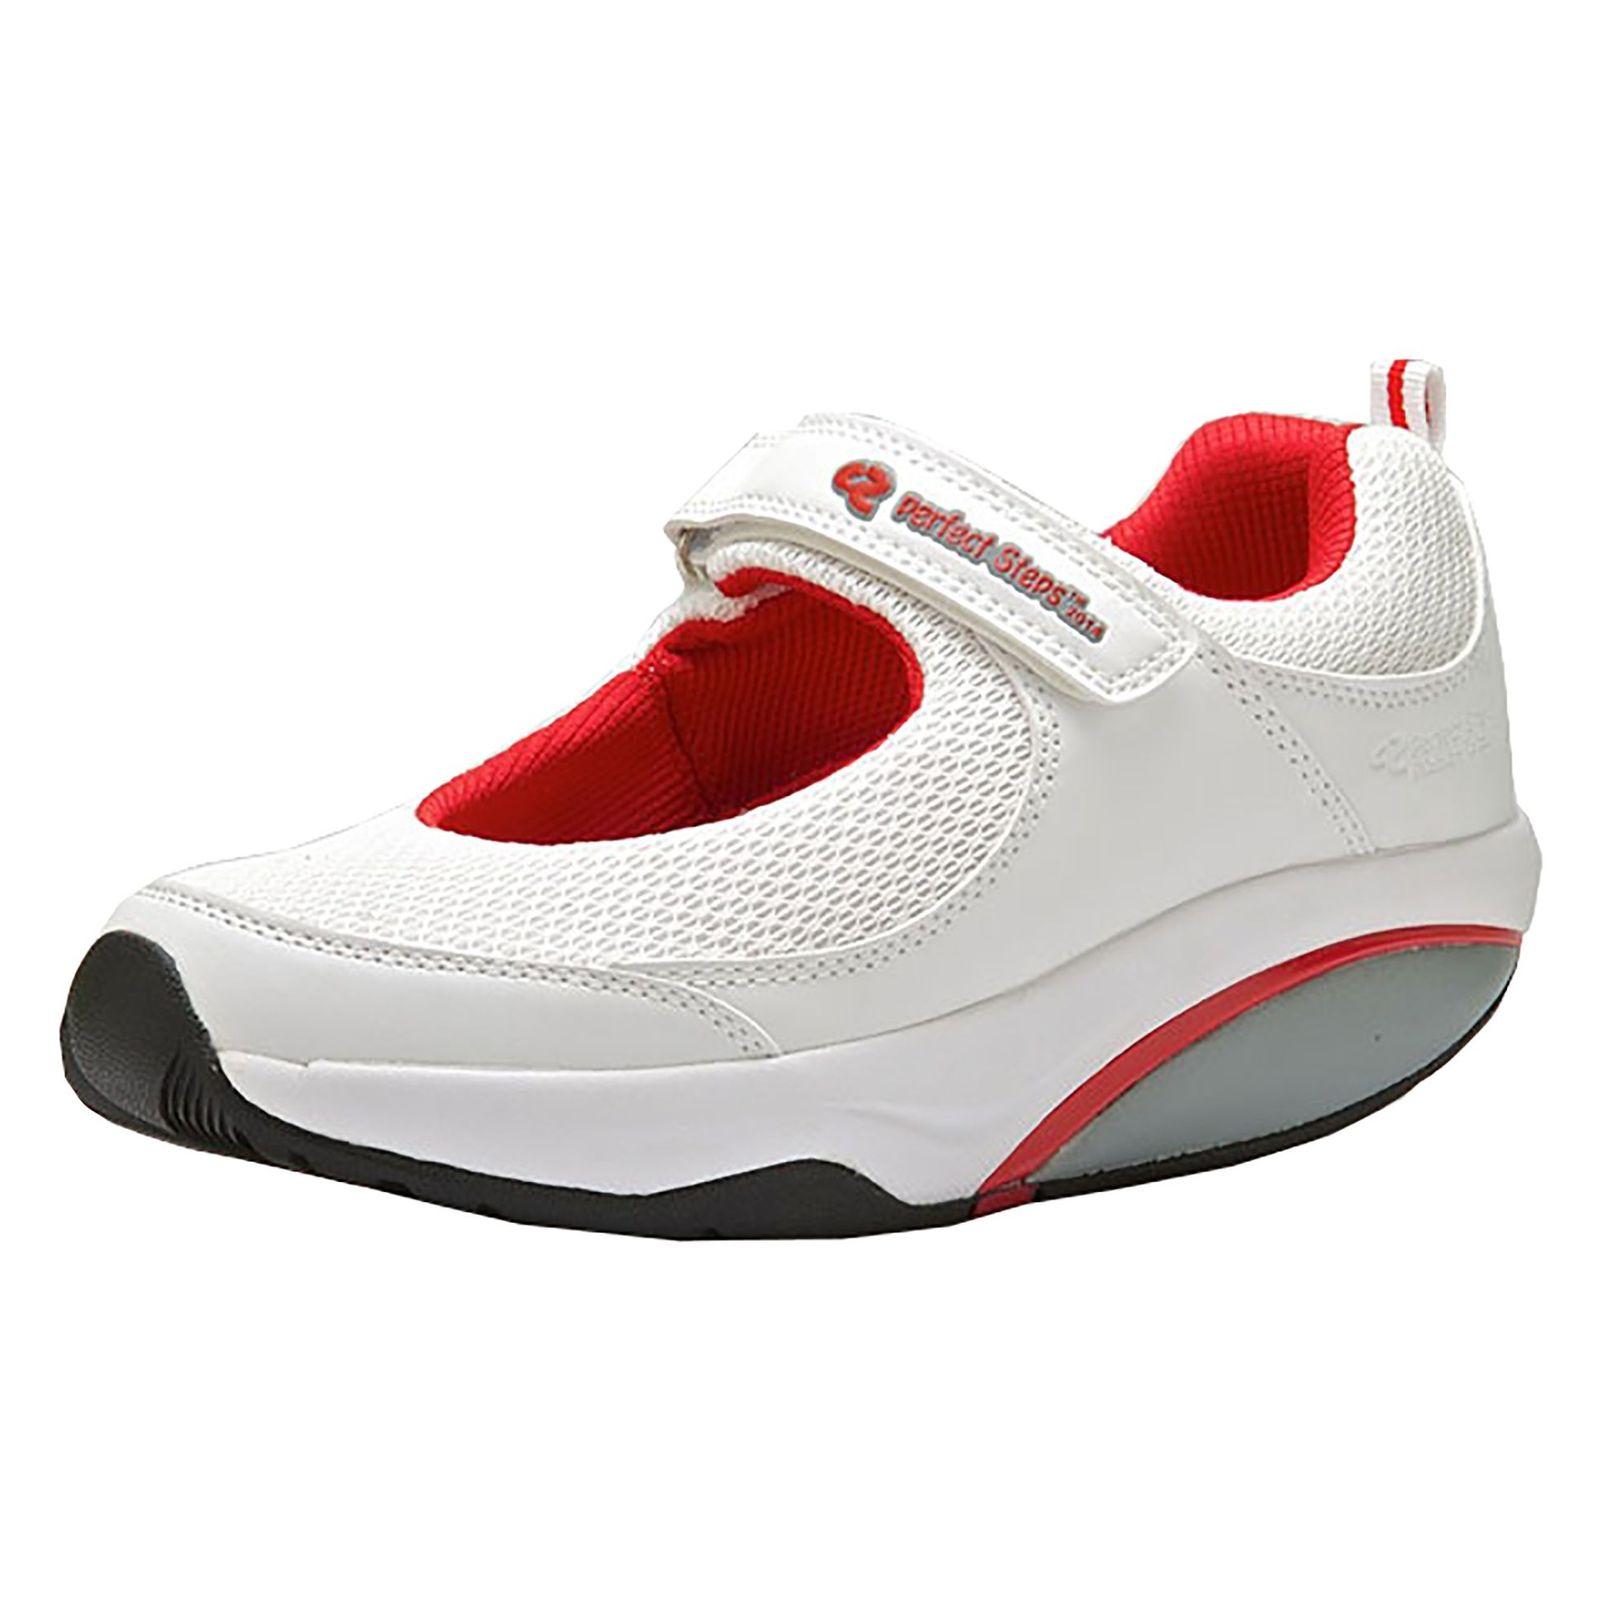 کفش مخصوص پیاده روی زنانه پرفکت استپس مدل آرمیس main 1 2